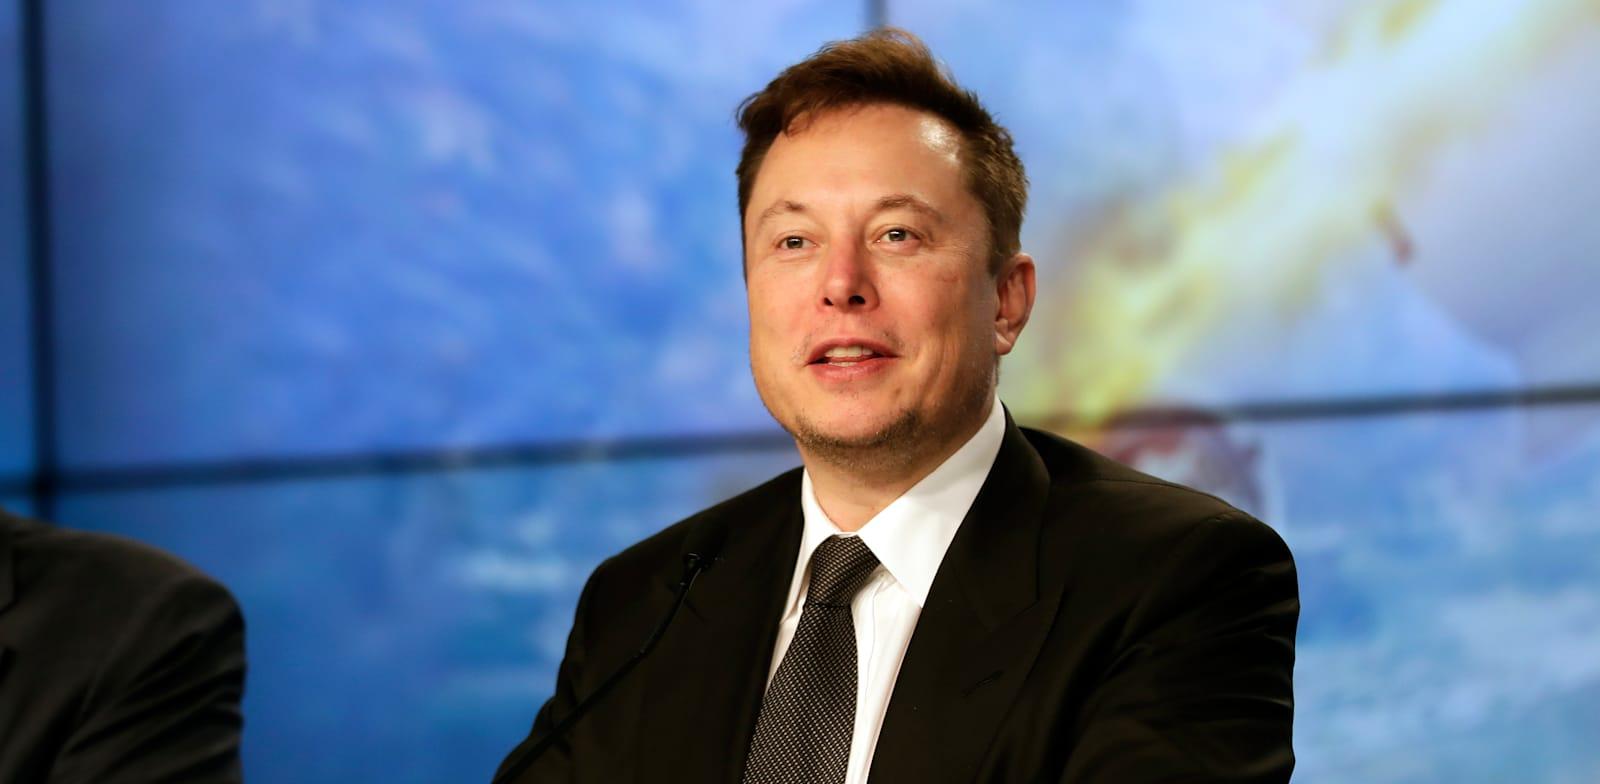 אלון מאסק. הודיע שיעבור להתגורר בטקסס, כדי להיות קרוב לאתר הניסויים של SpaceX / צילום: Associated Press, John Raoux